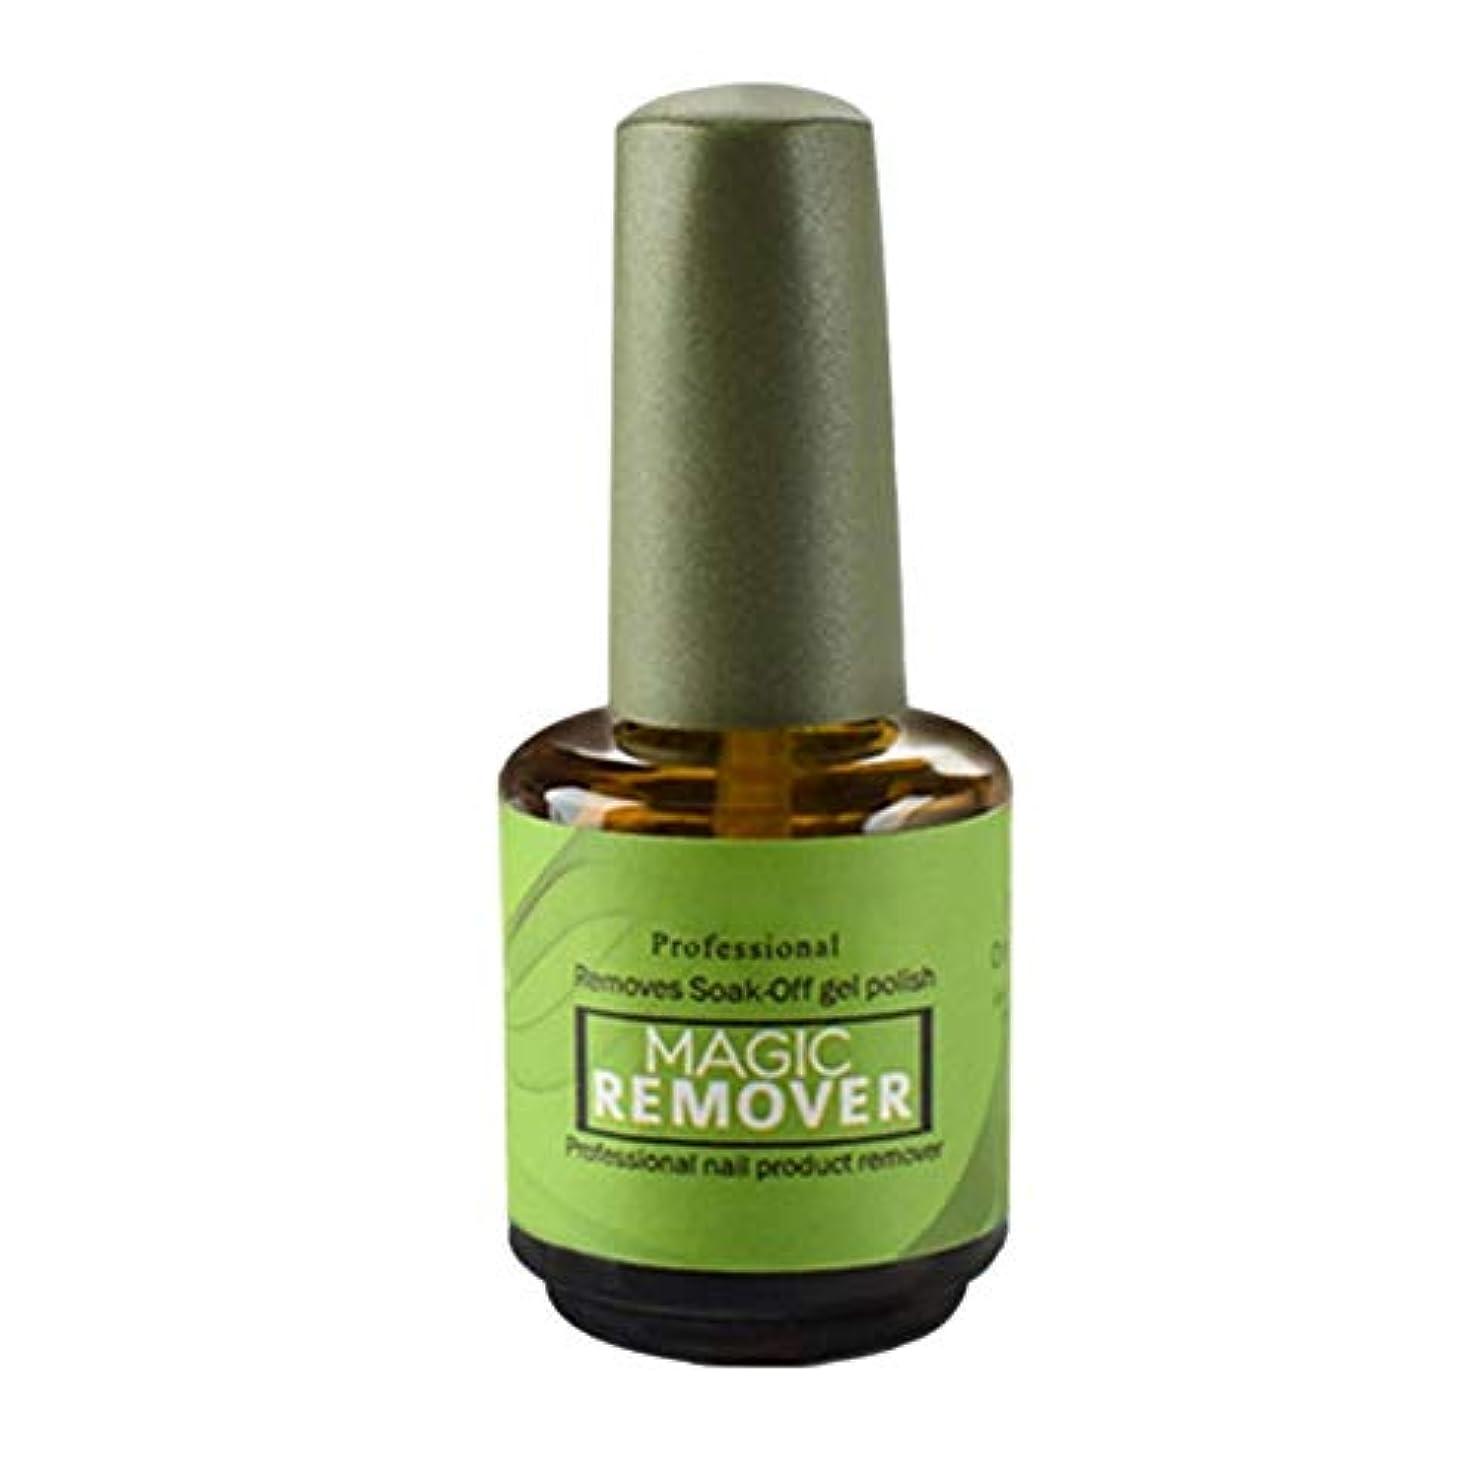 バンジージャンプ興奮パウダーFuntoget マジックリムーバーがネイルポリッシュを拭き取ると、ジェルプロフェッショナルバーストクリーン脱脂剤が除去されます